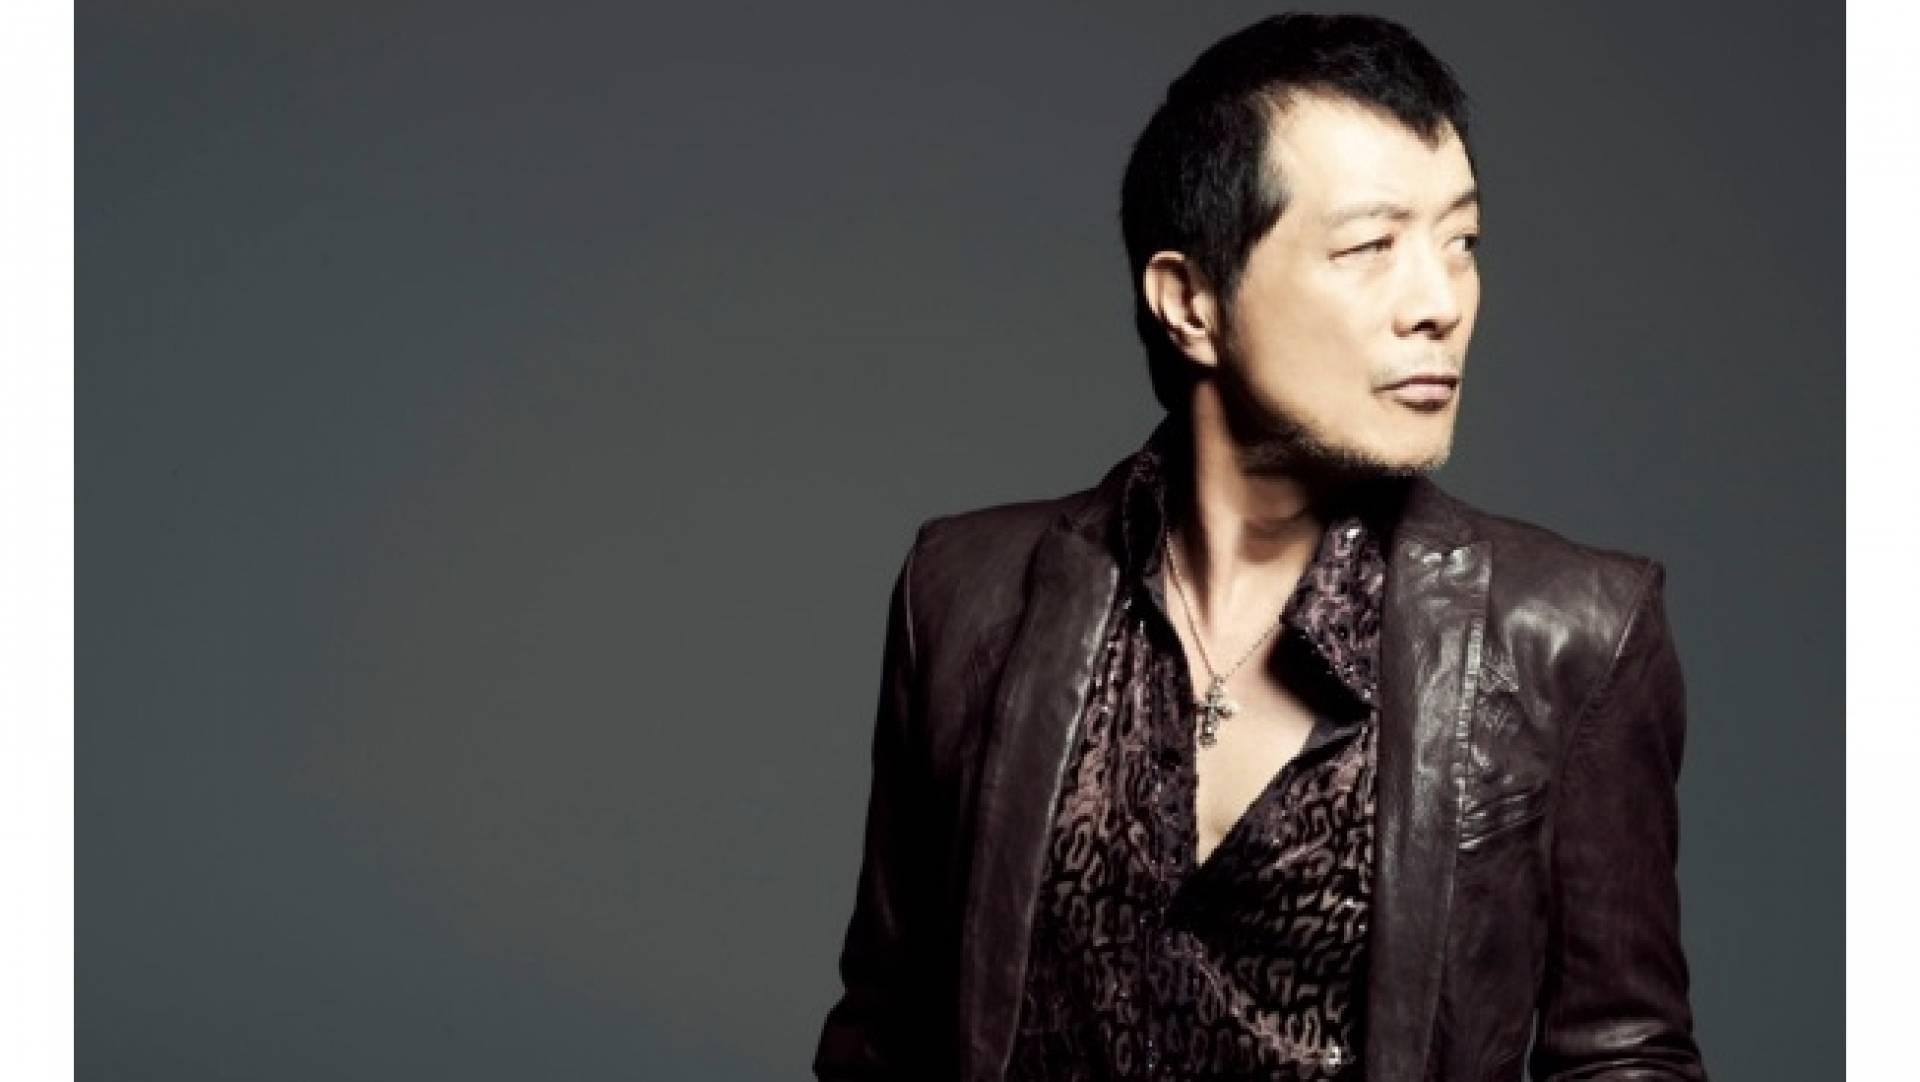 Yazawa Eikichi